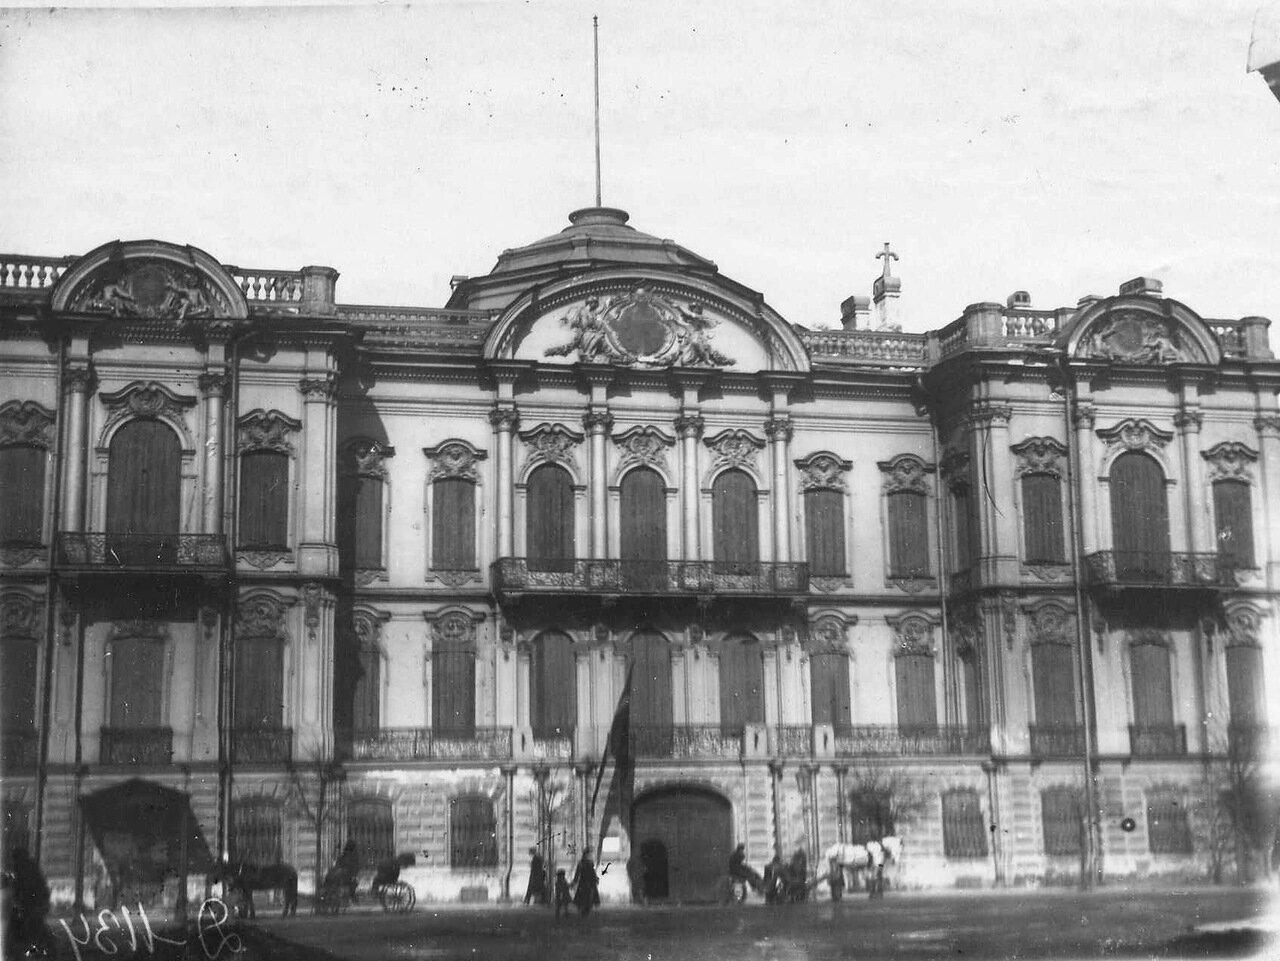 02. Фасад здания по Сергиевской улице, д.10, в котором до Первой мировой войны находилось посольство (архитектор Г.Э.Боссе, 1857-1860). 1915